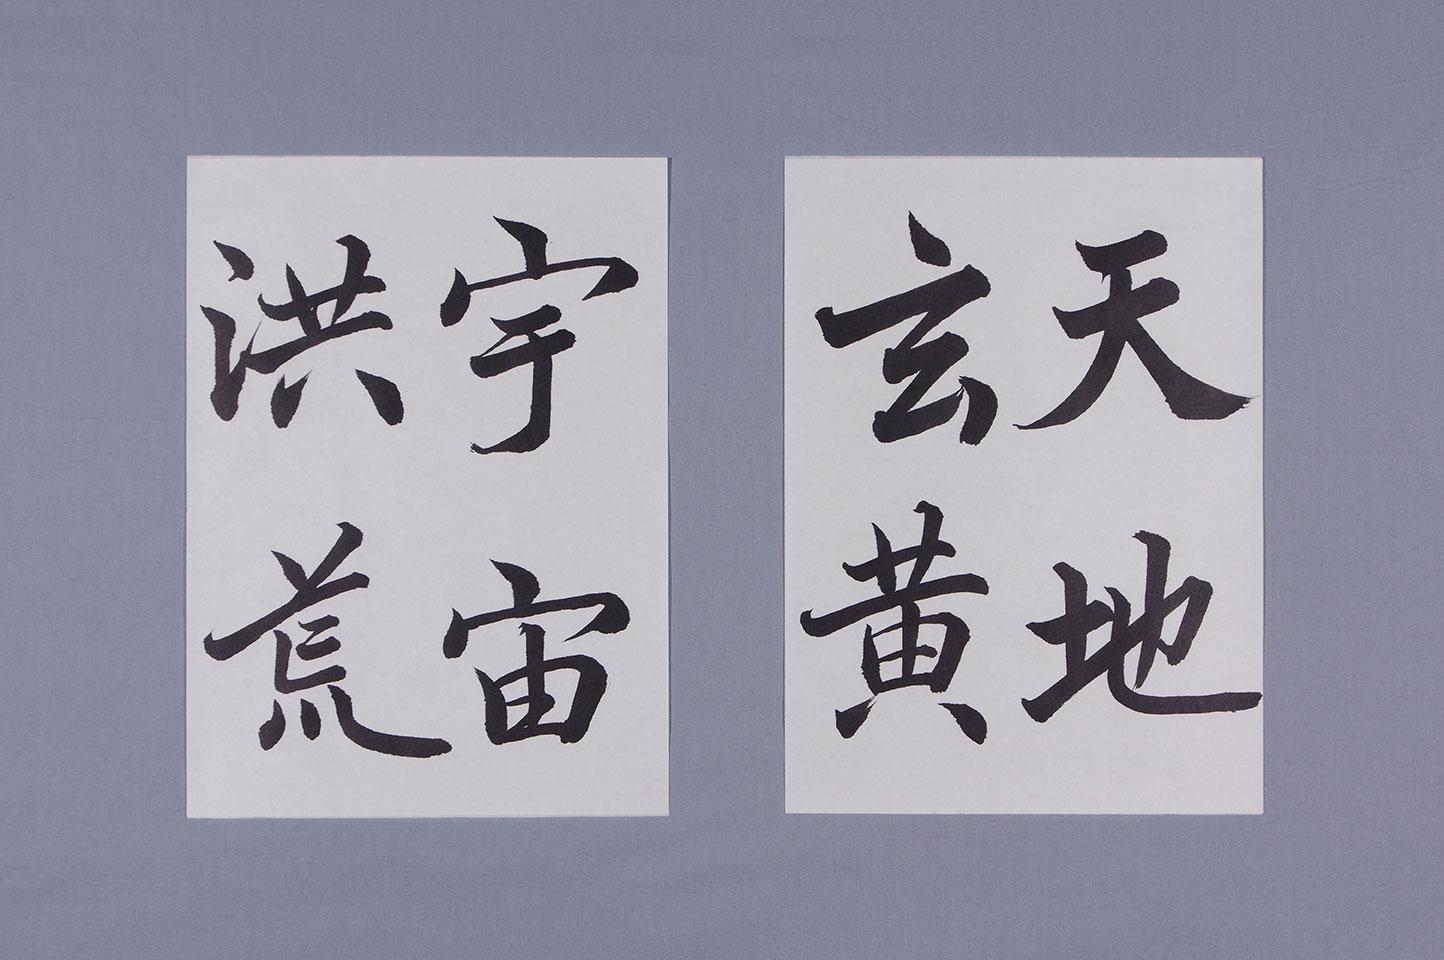 鳴鶴翁三體千字文 臨書